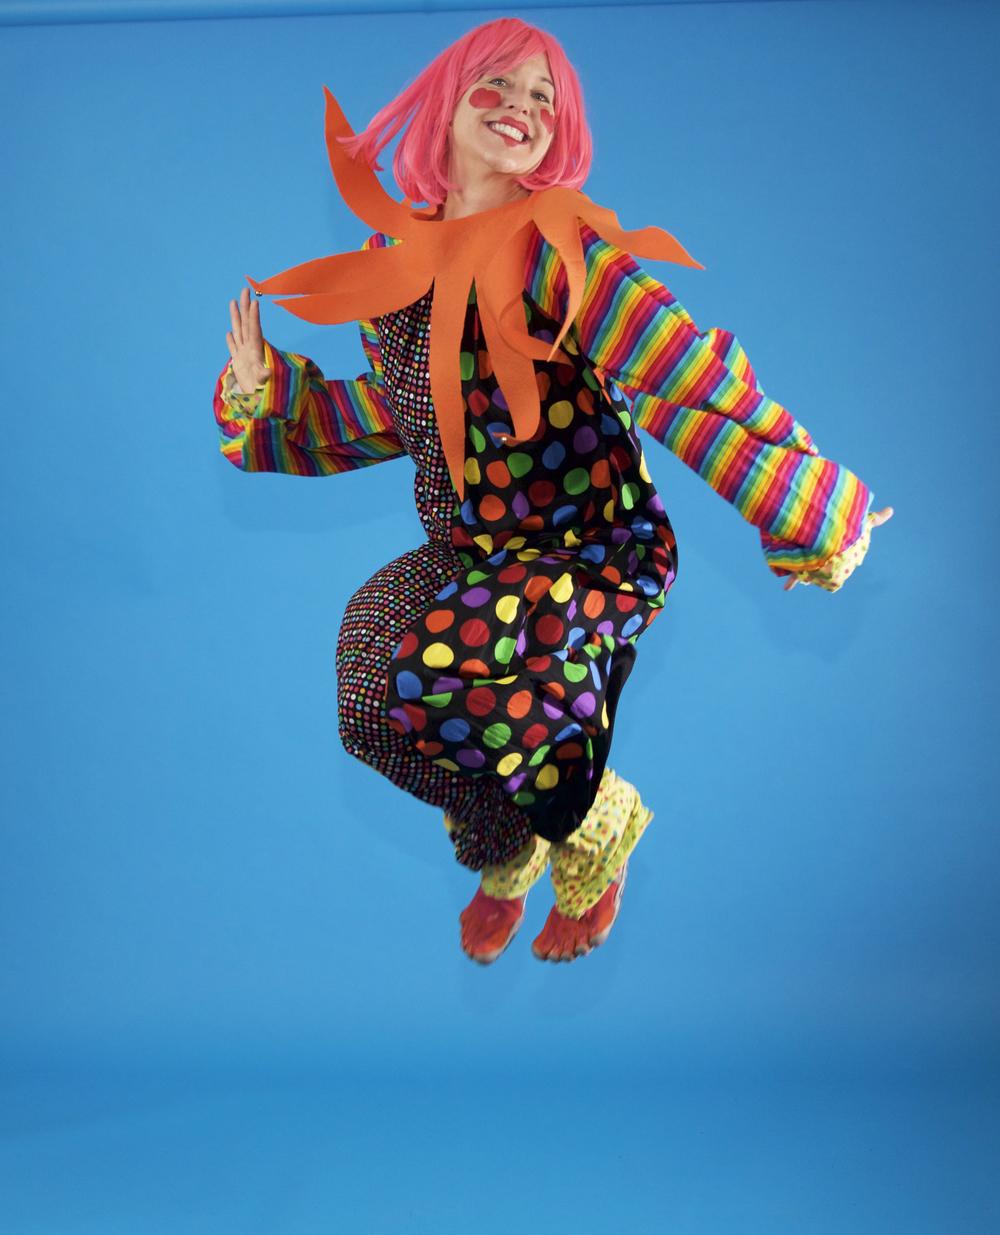 beebee-happy-jump.jpg